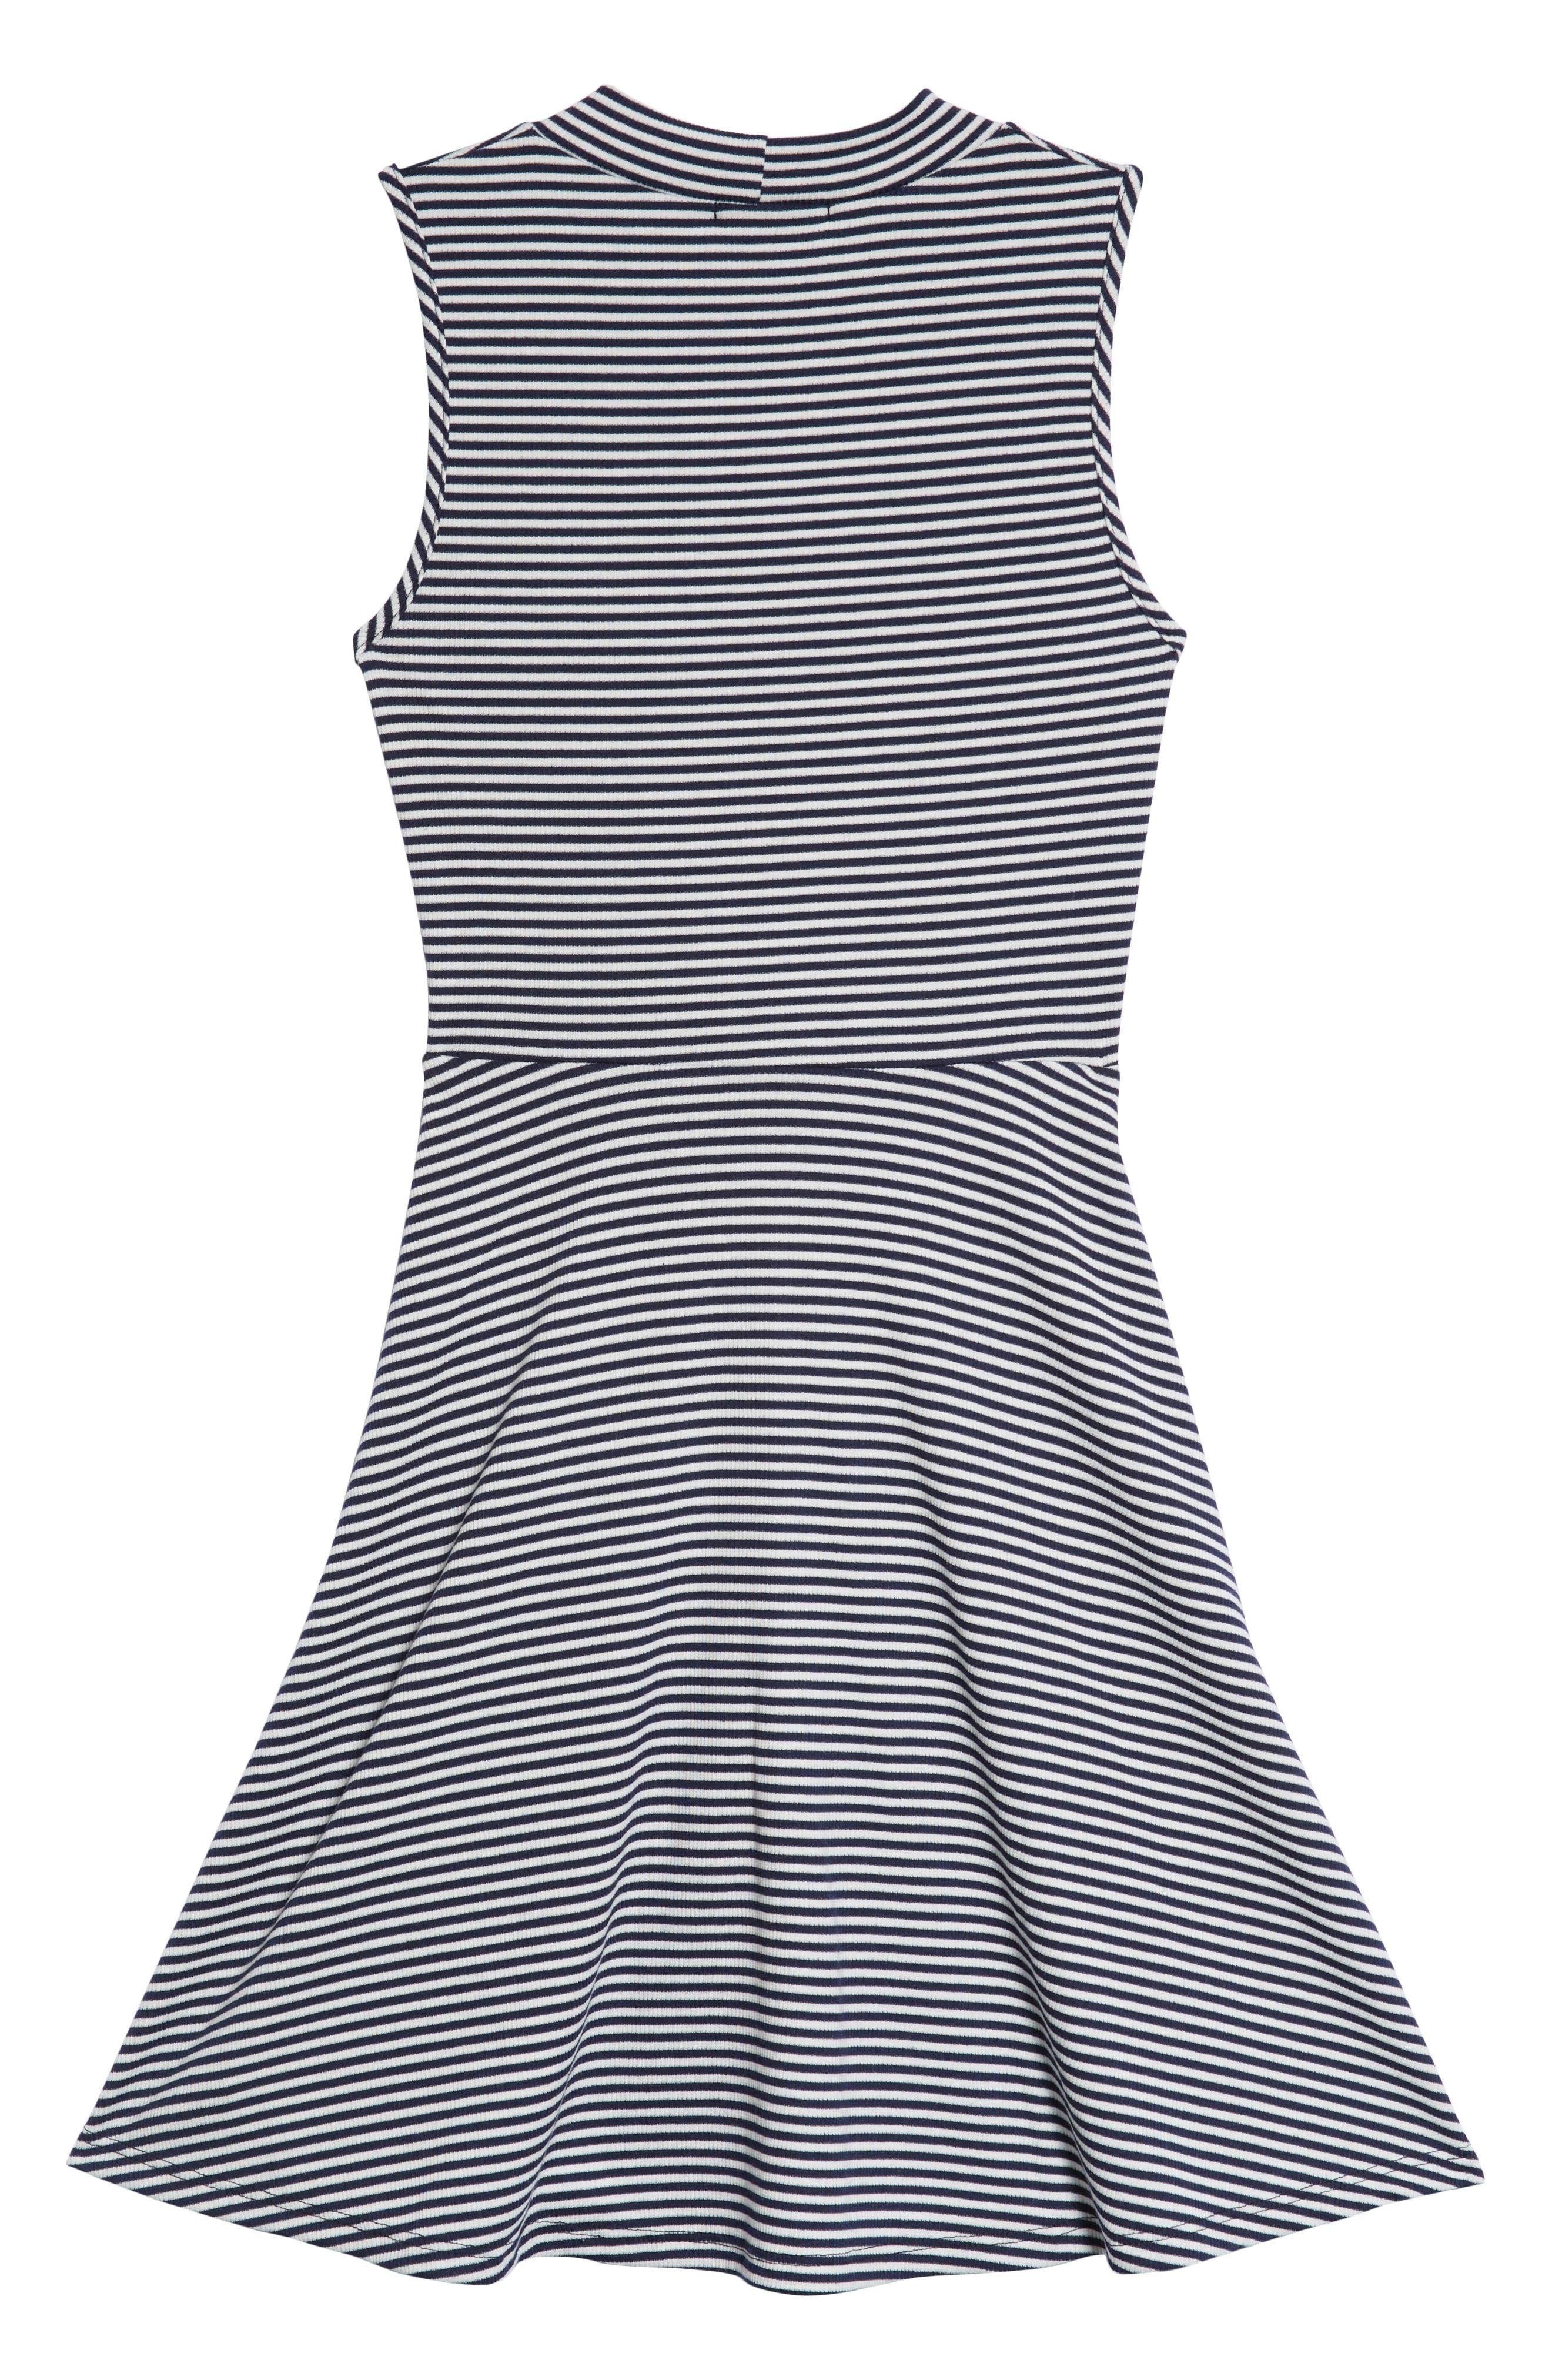 Tie Front Skater Dress,                             Alternate thumbnail 2, color,                             Navy/ White